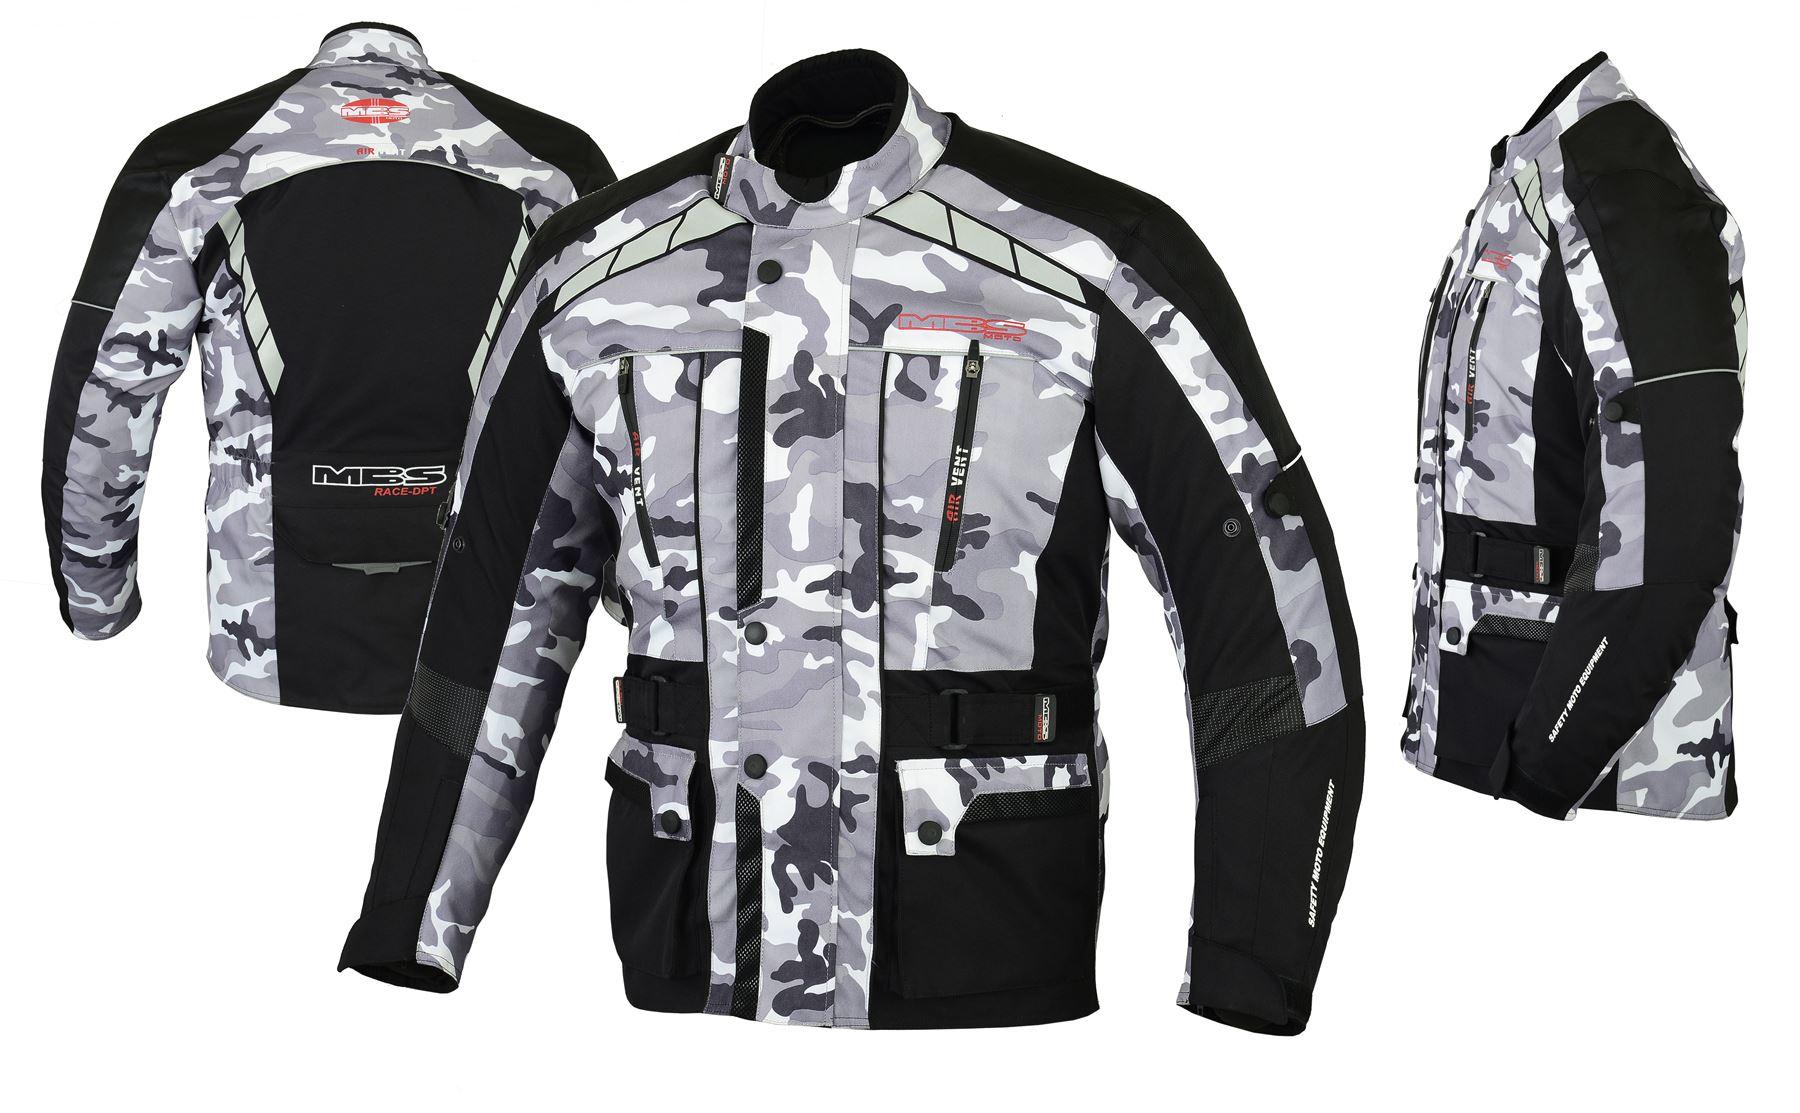 MBSmoto-MJ21-Waterproof-Motorcycle-Bike-Scooter-Touring-Urban-Jacket